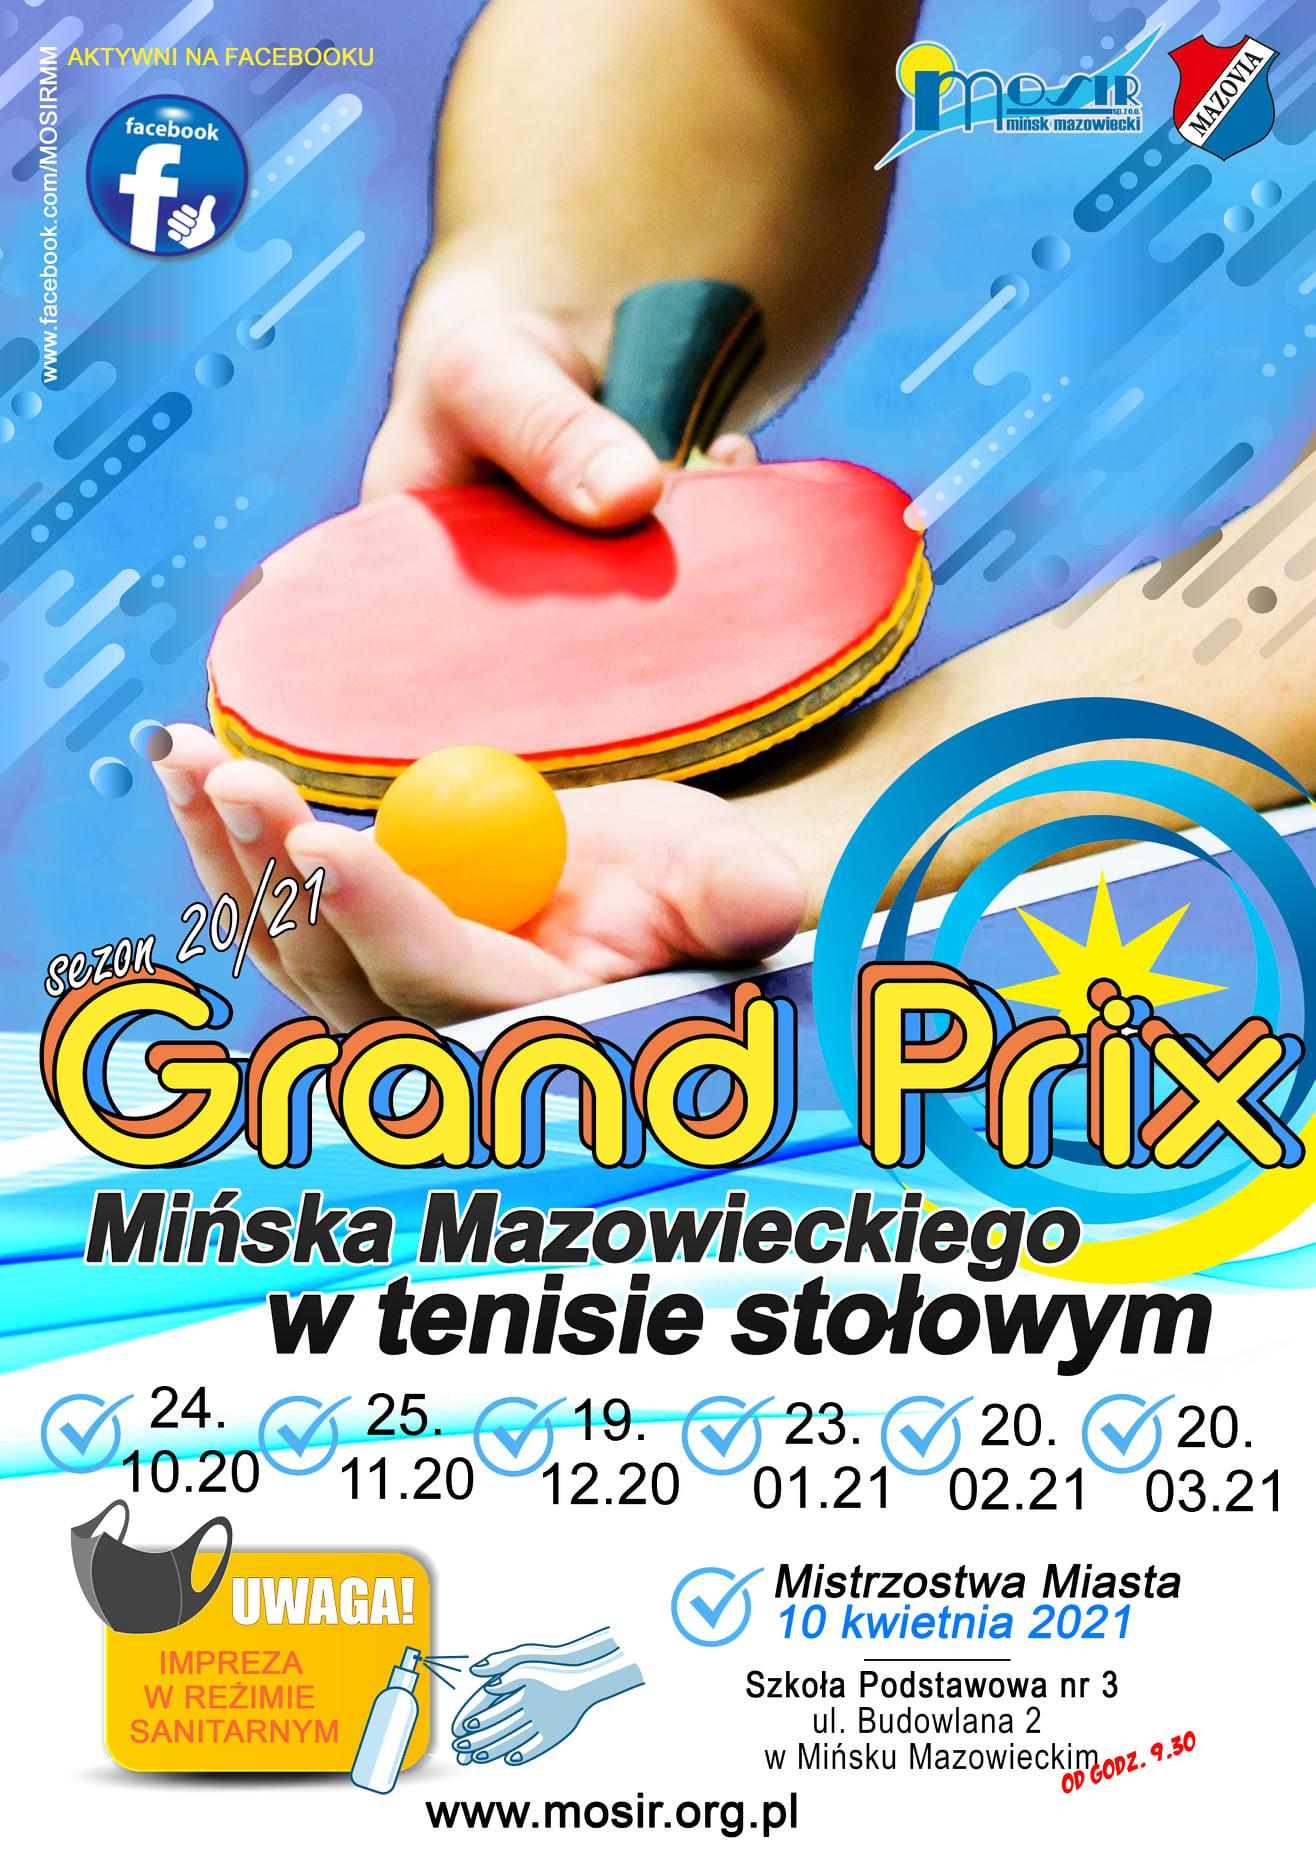 Plakat turnieju Grand Prix Mińska Mazowieckiego w tenisie stołowym w sezonie 2020/2021 - termin 5